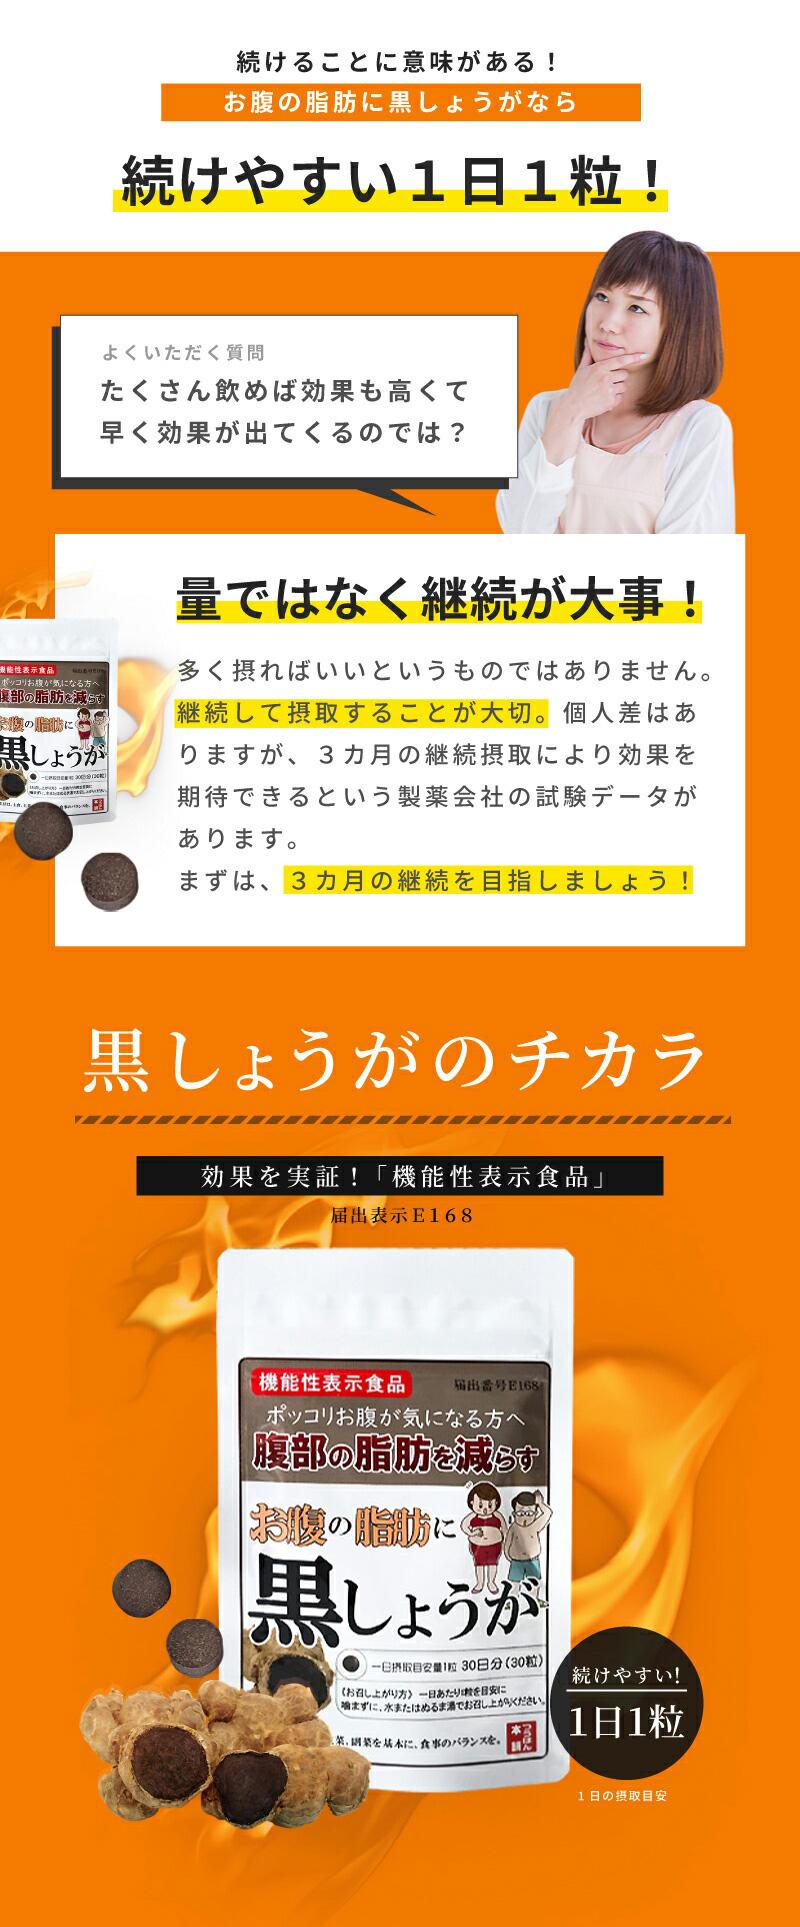 黒しょうがサプリメントは、1日1粒でお腹の脂肪対策!